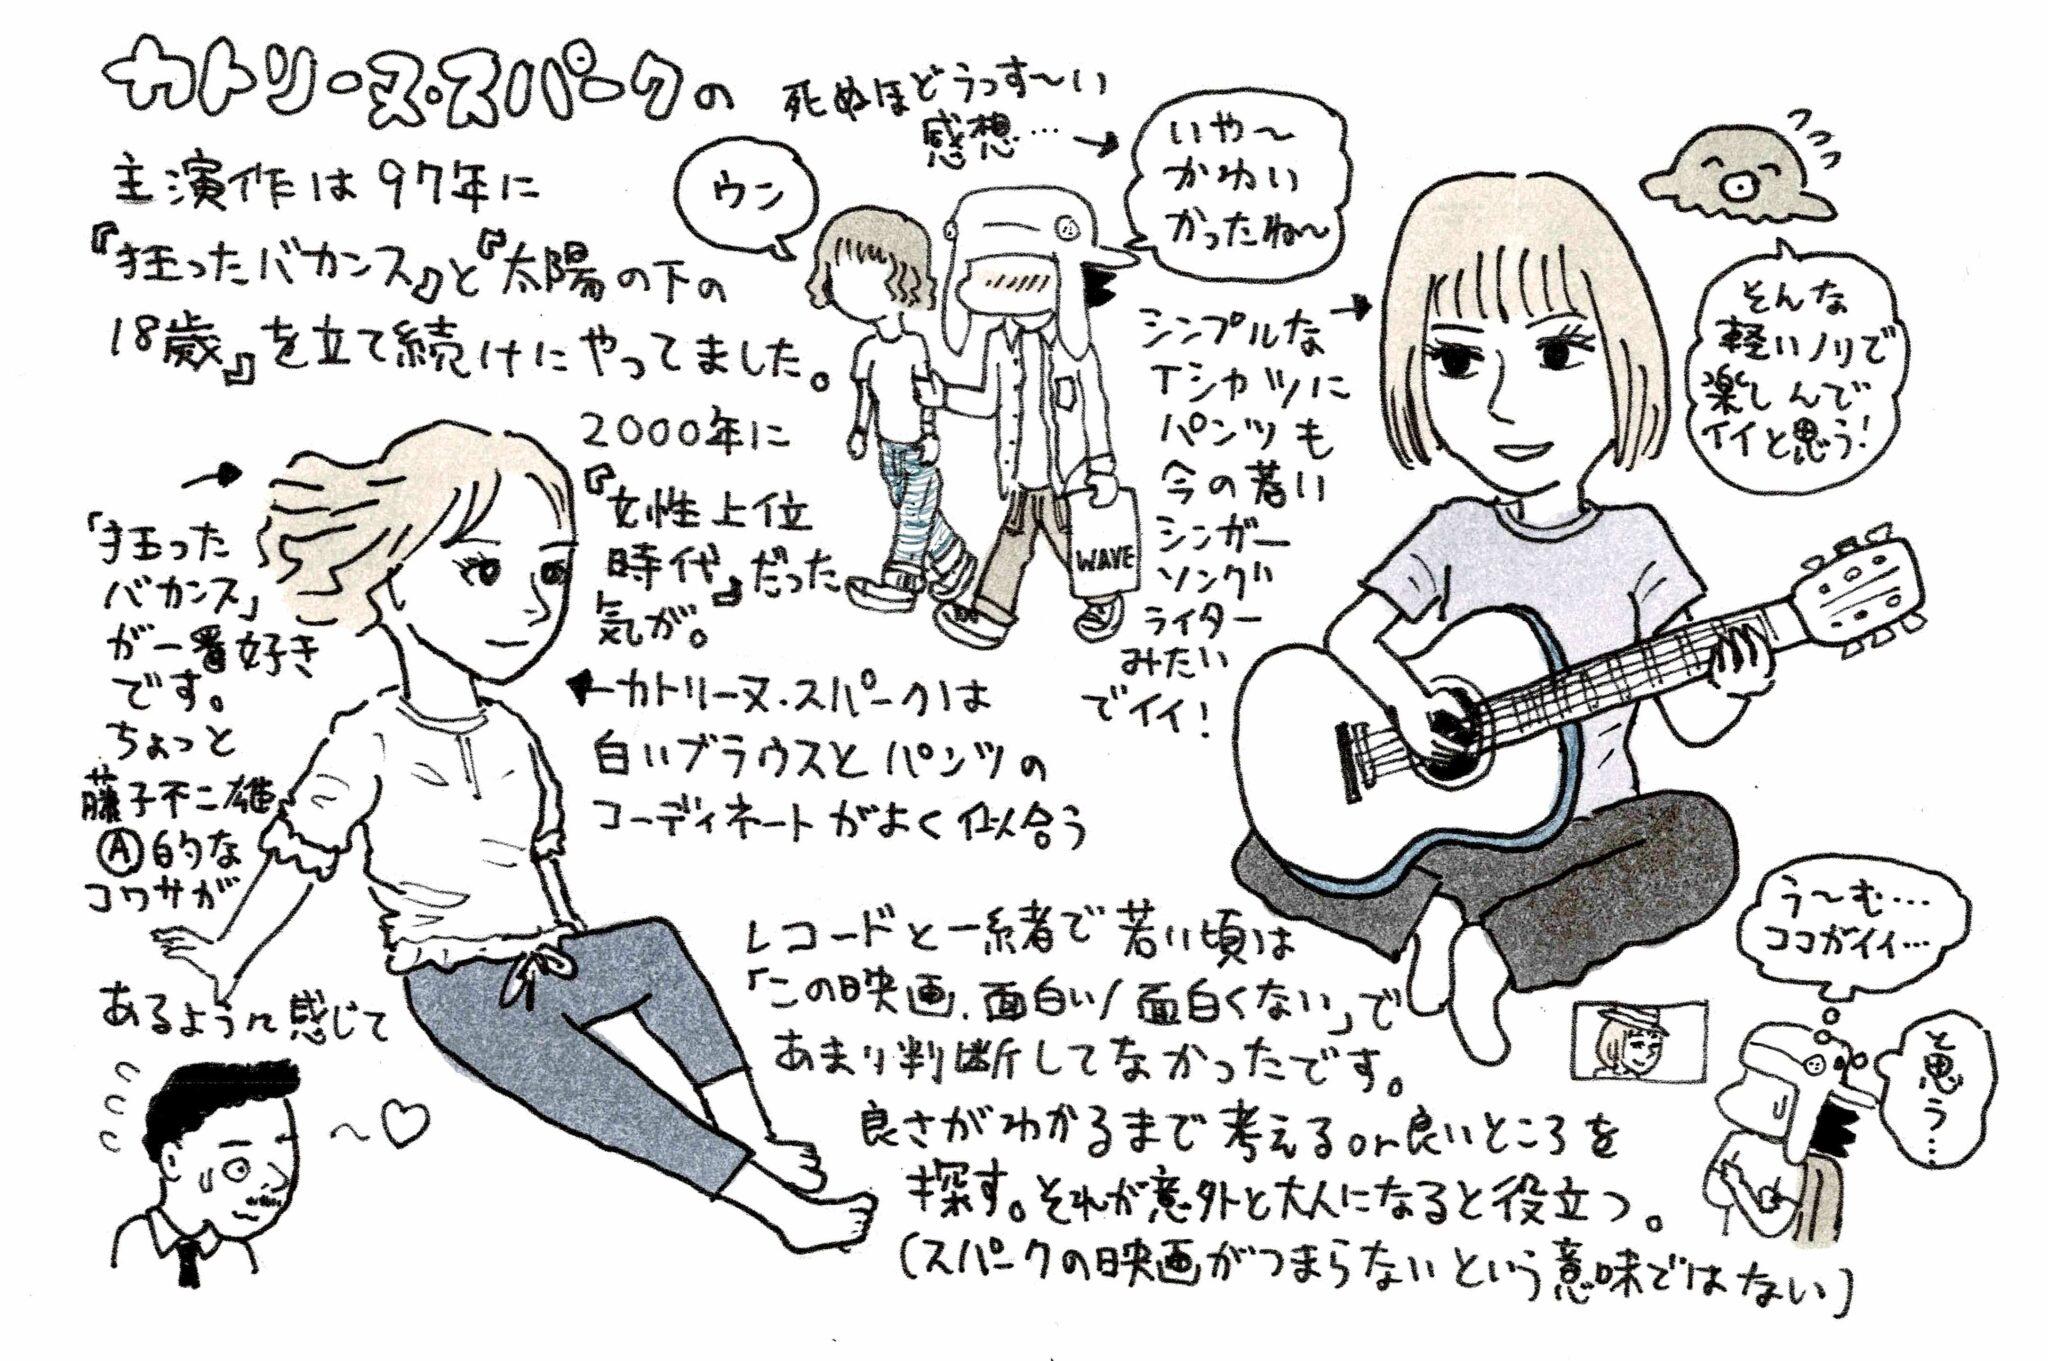 『カトリーヌ・スパーク レトロスペクティブ』渋谷直角イラスト